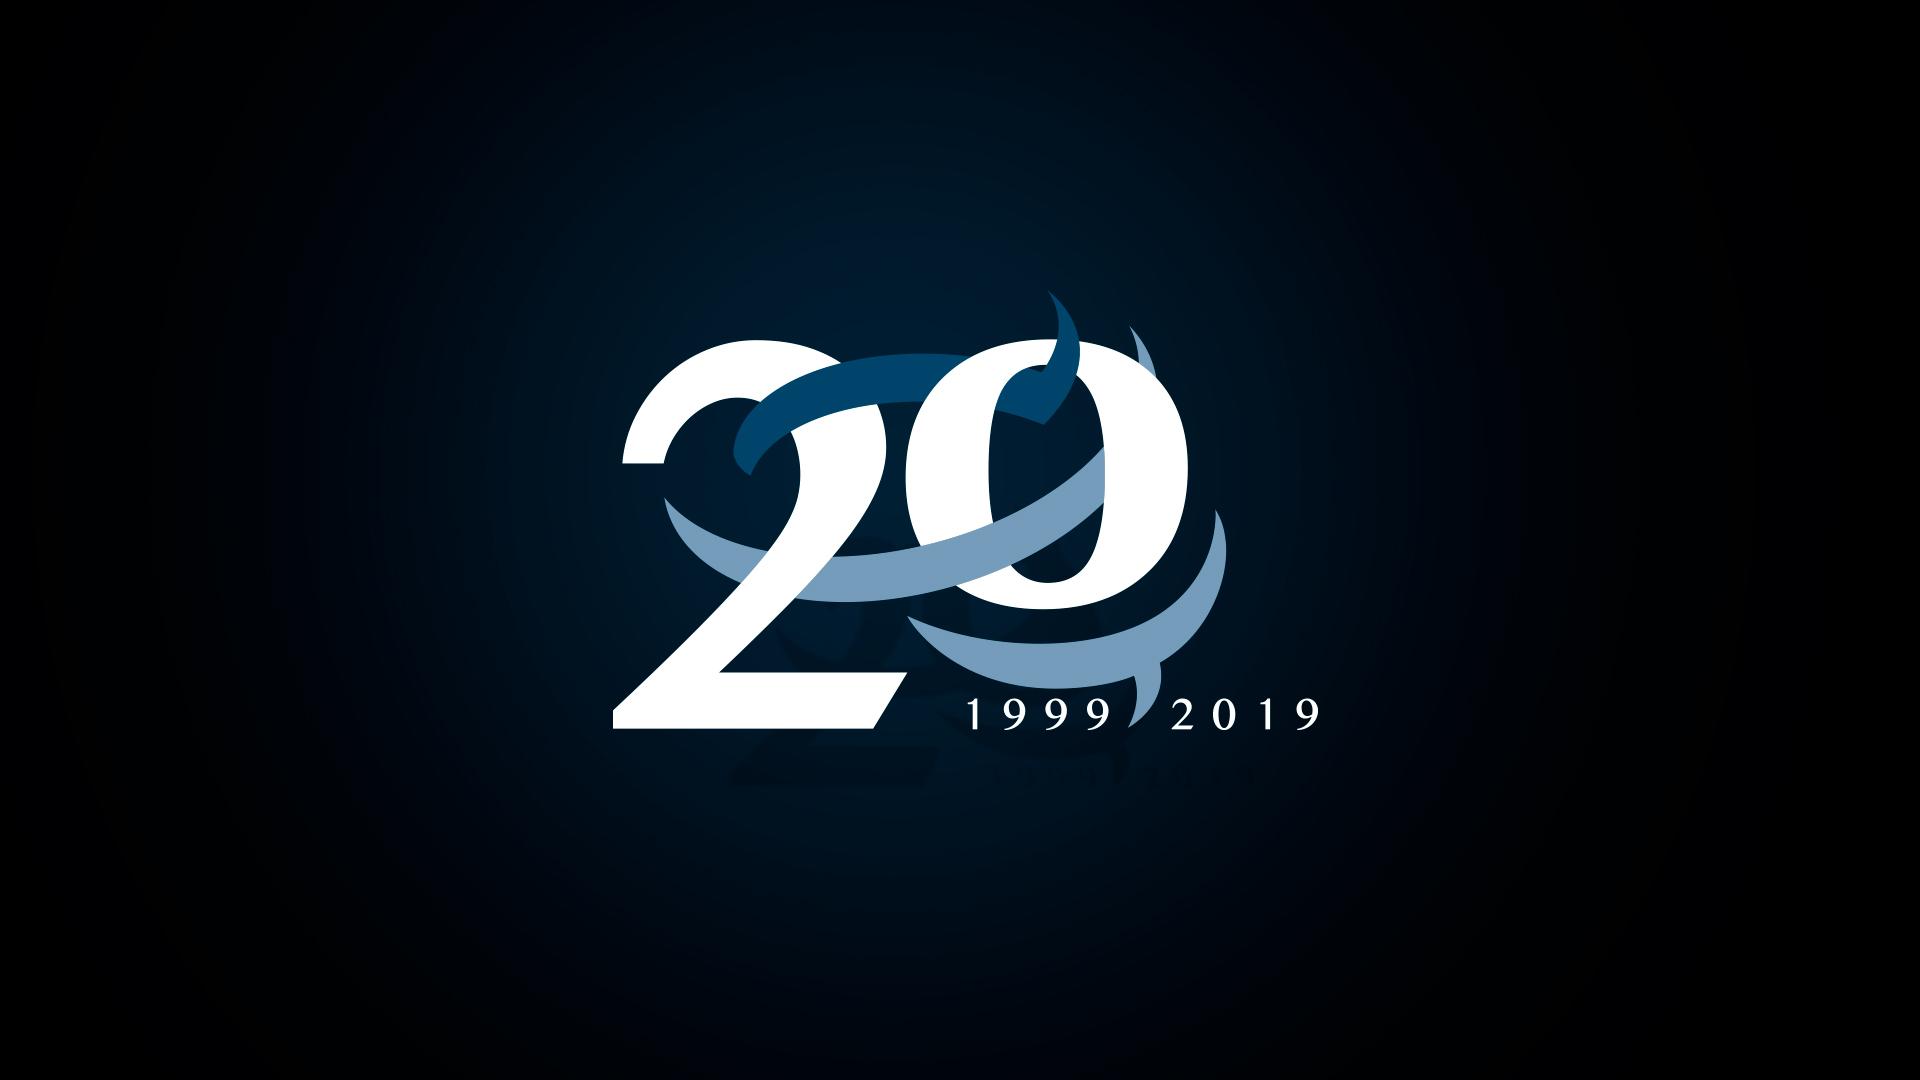 PROTOTAL 20 ÅR 2019